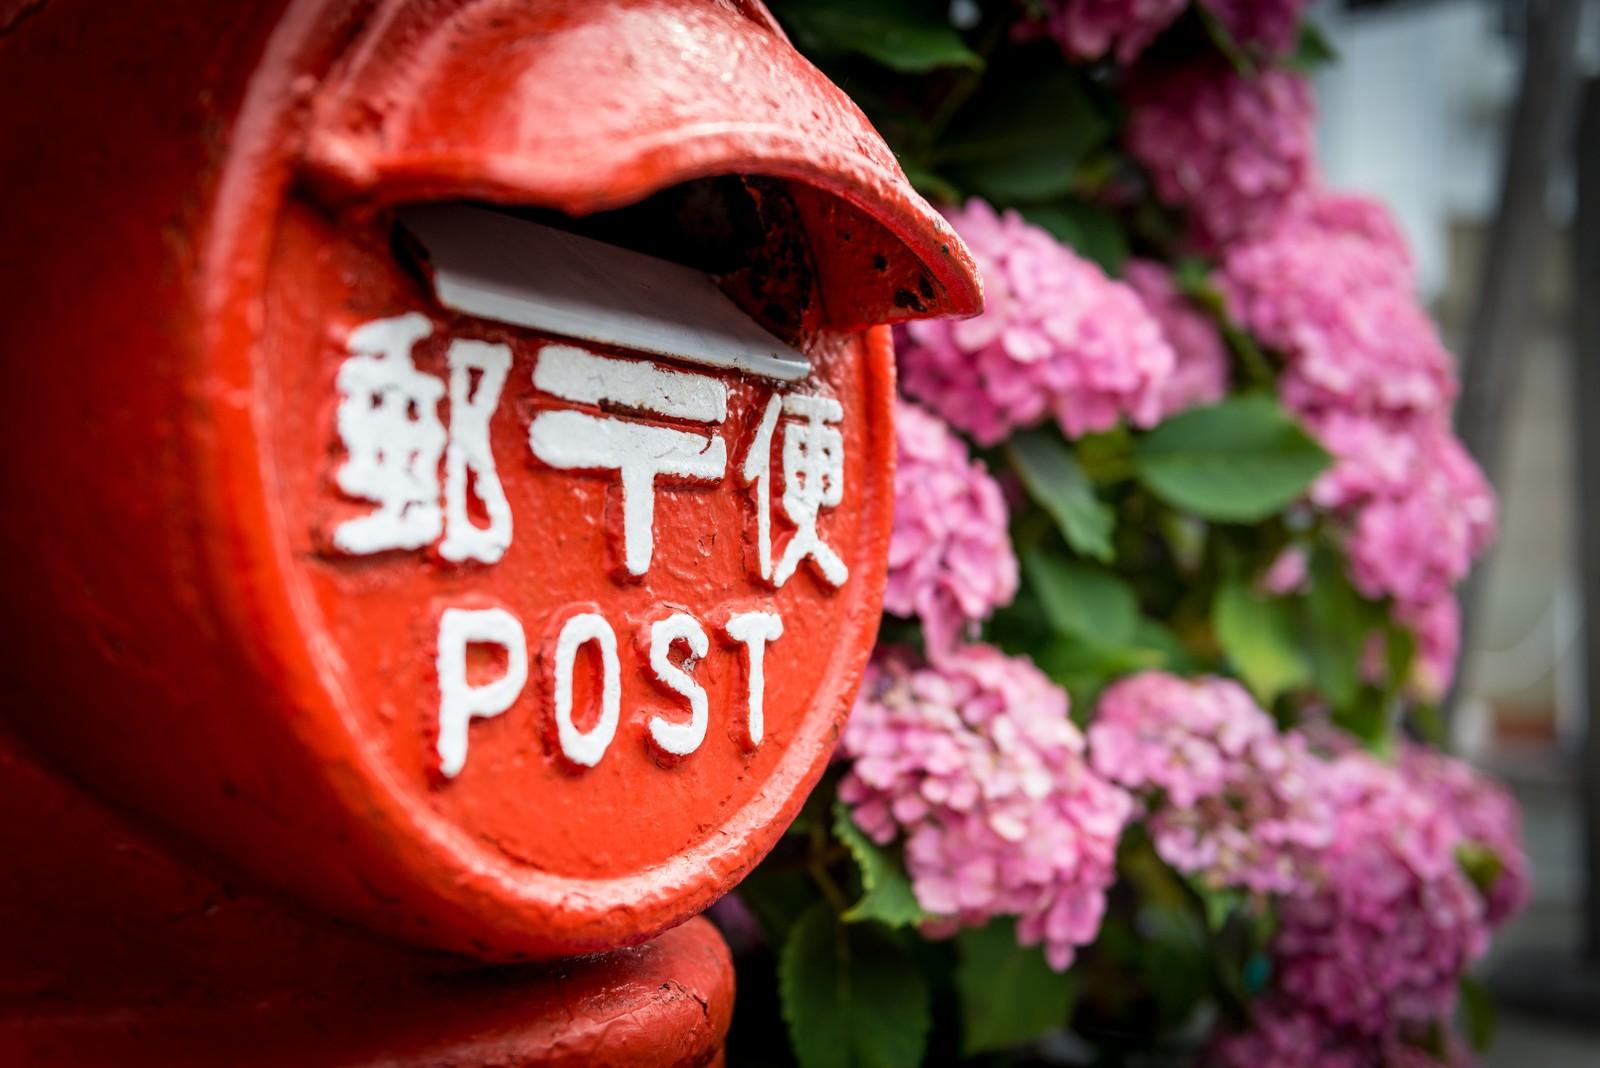 雨が降る中大事な人に手紙を投函するポストの場所